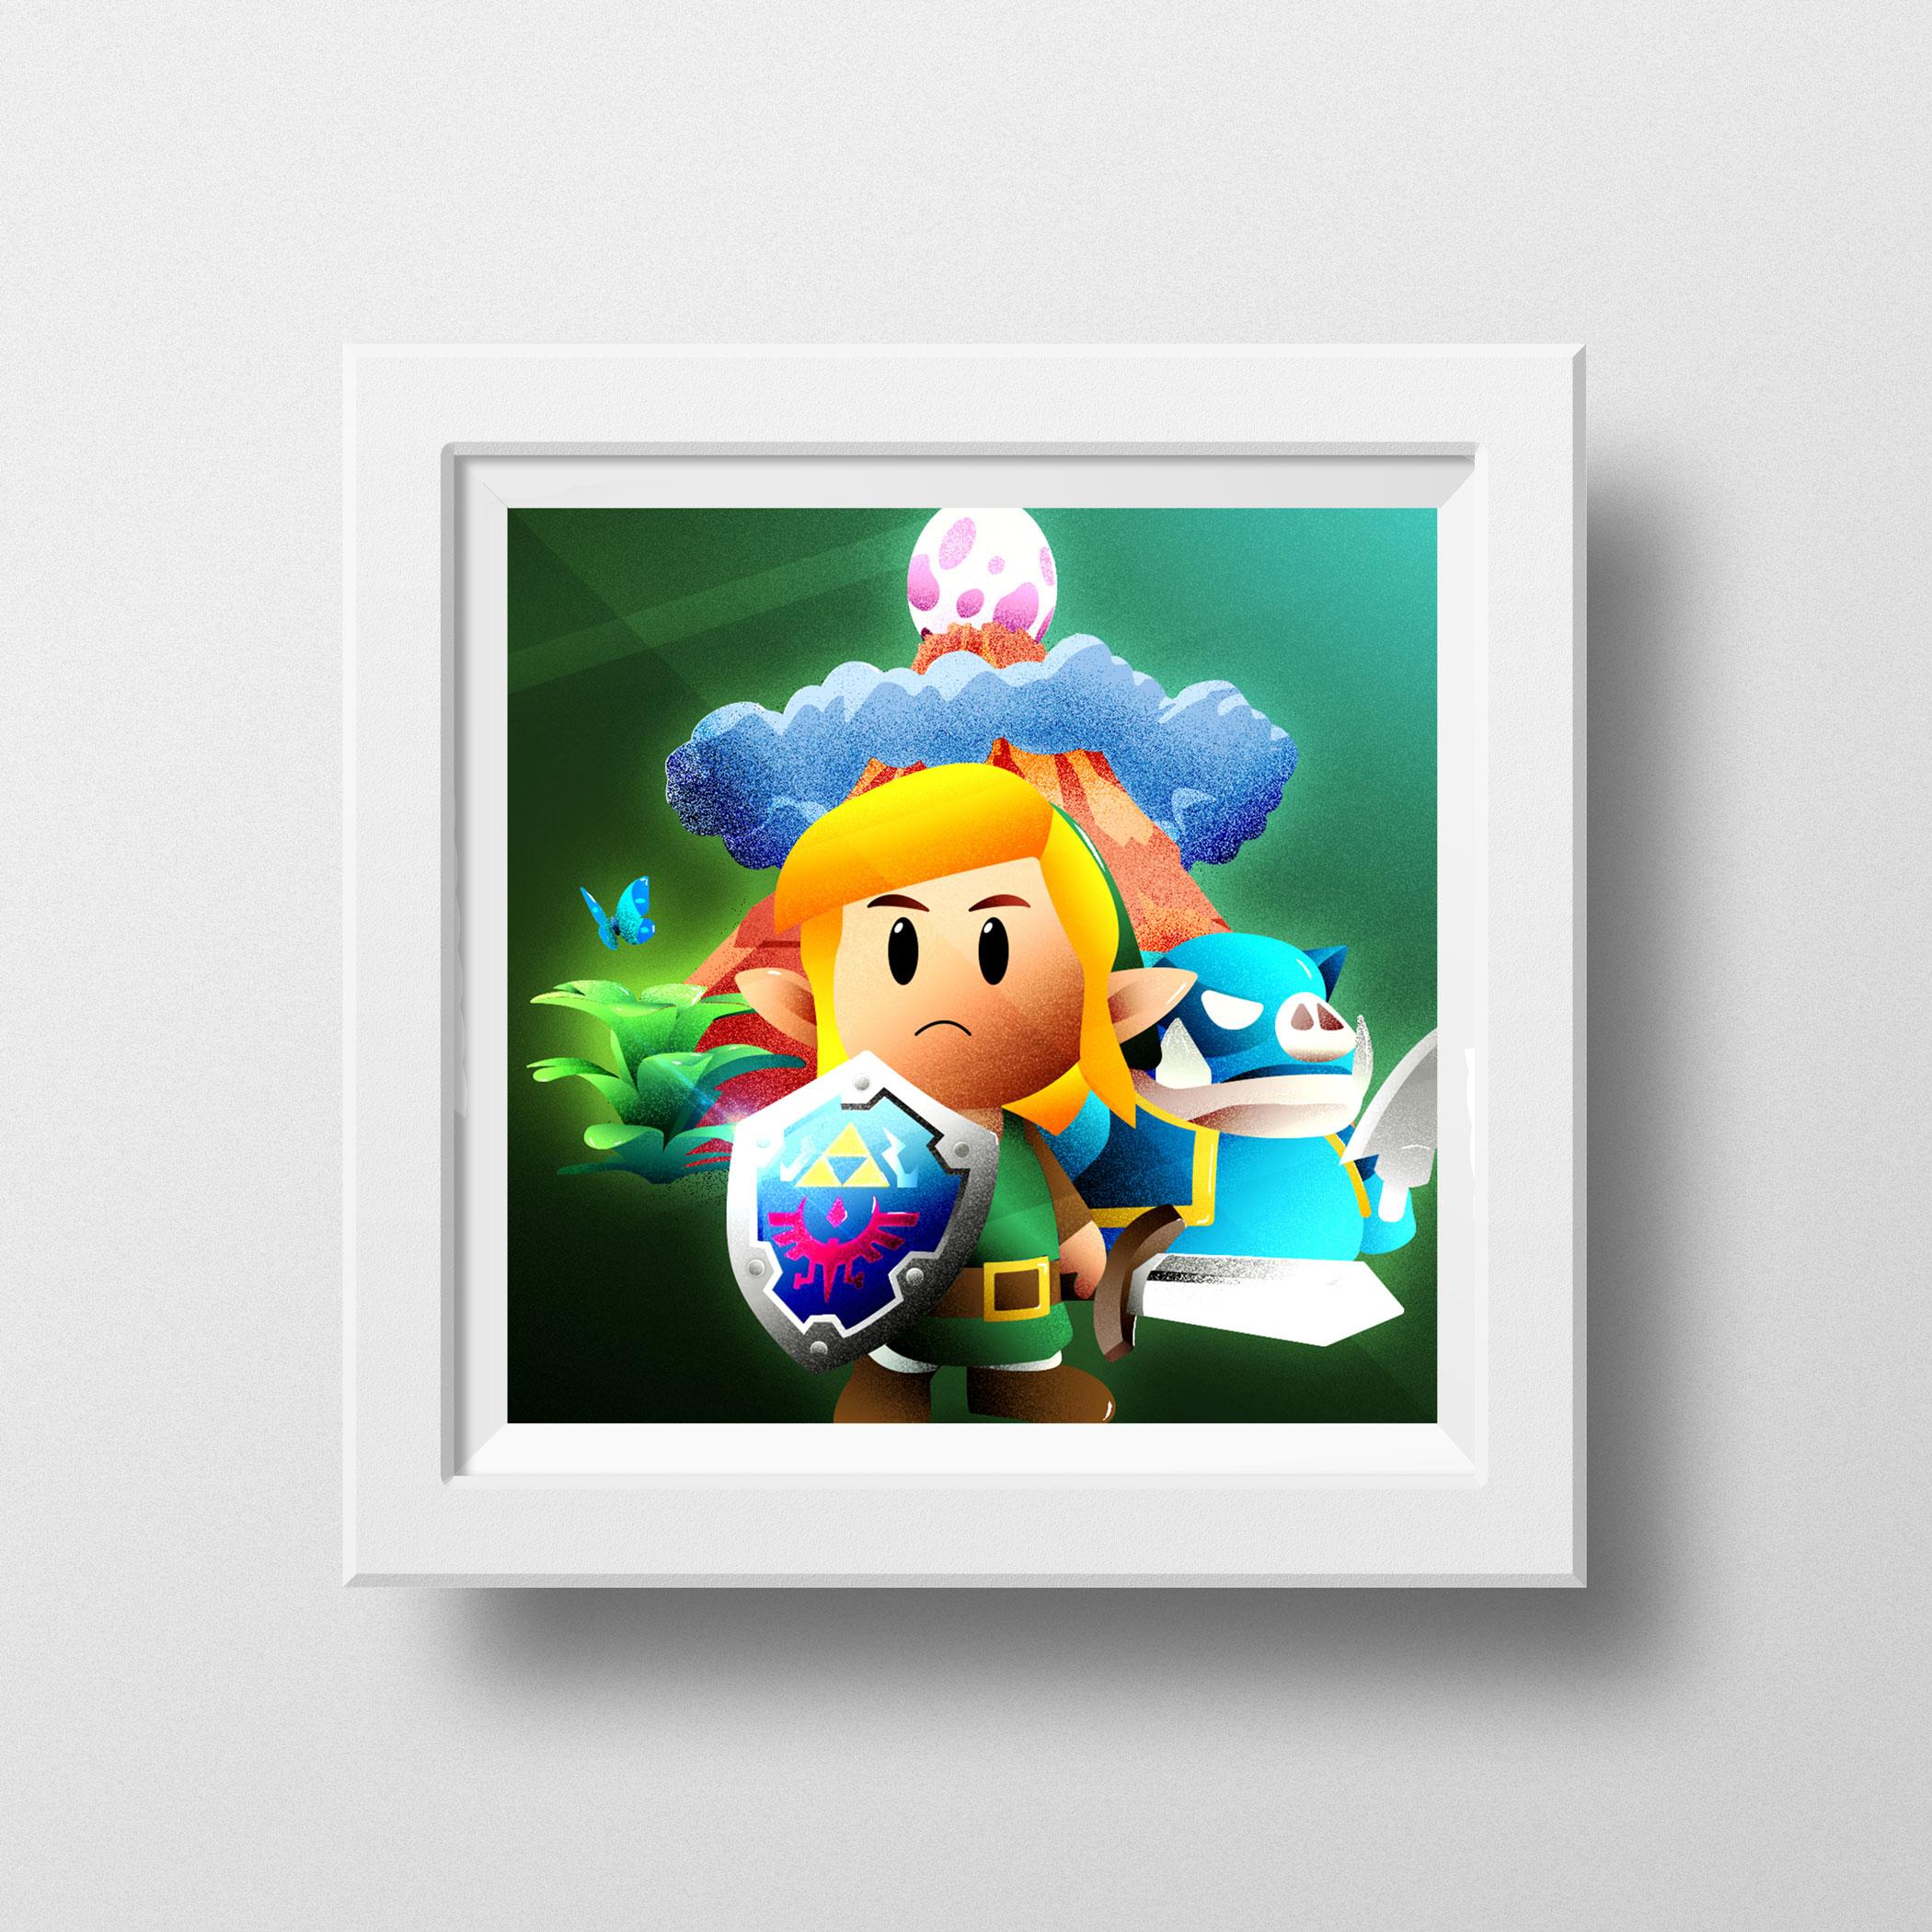 Zelda-Link's-Awakeninig_square